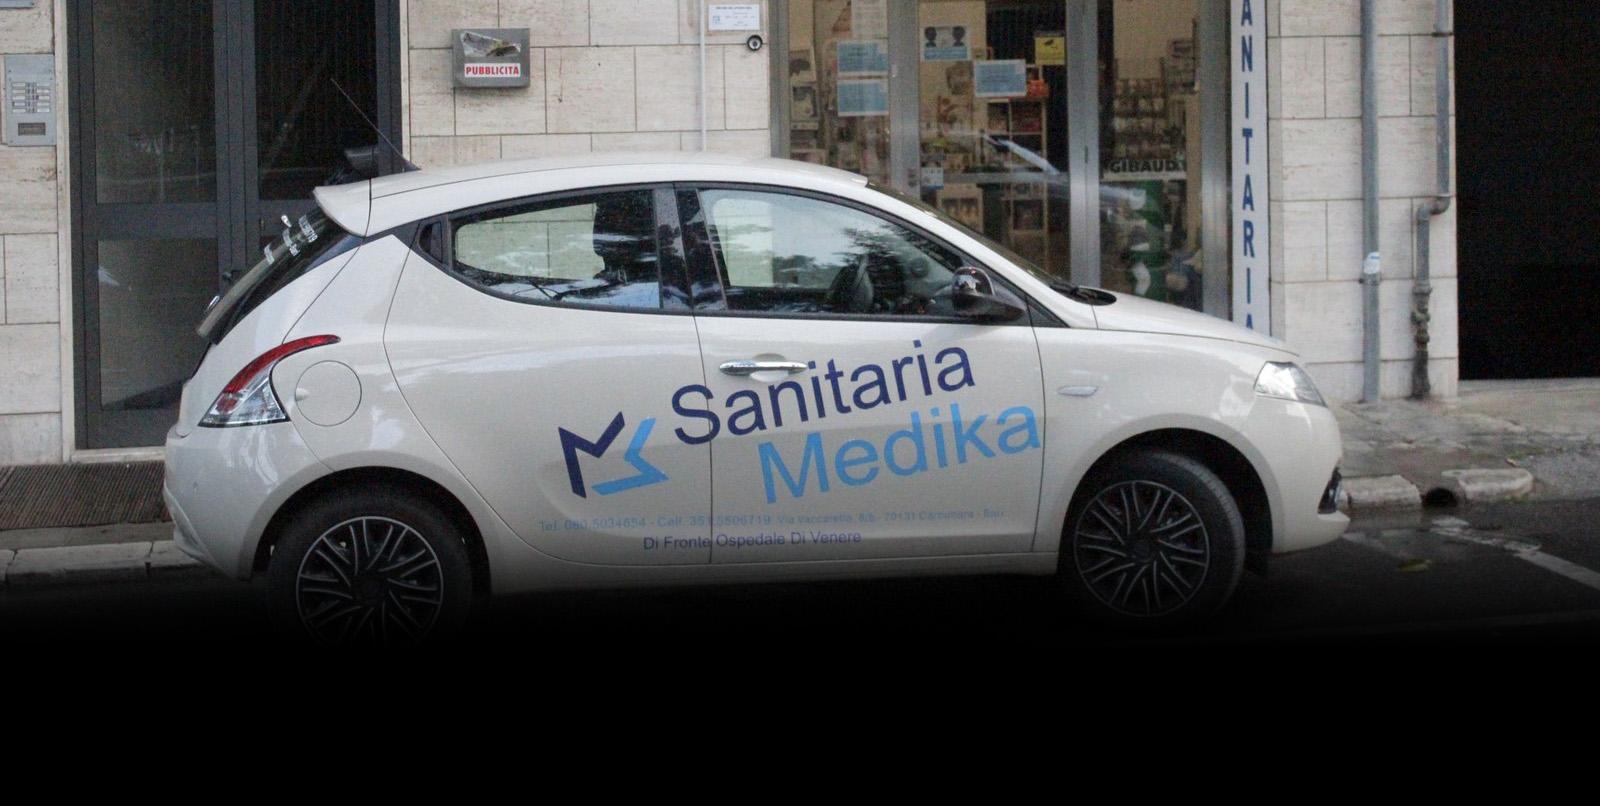 Santiaria Medika carbonara